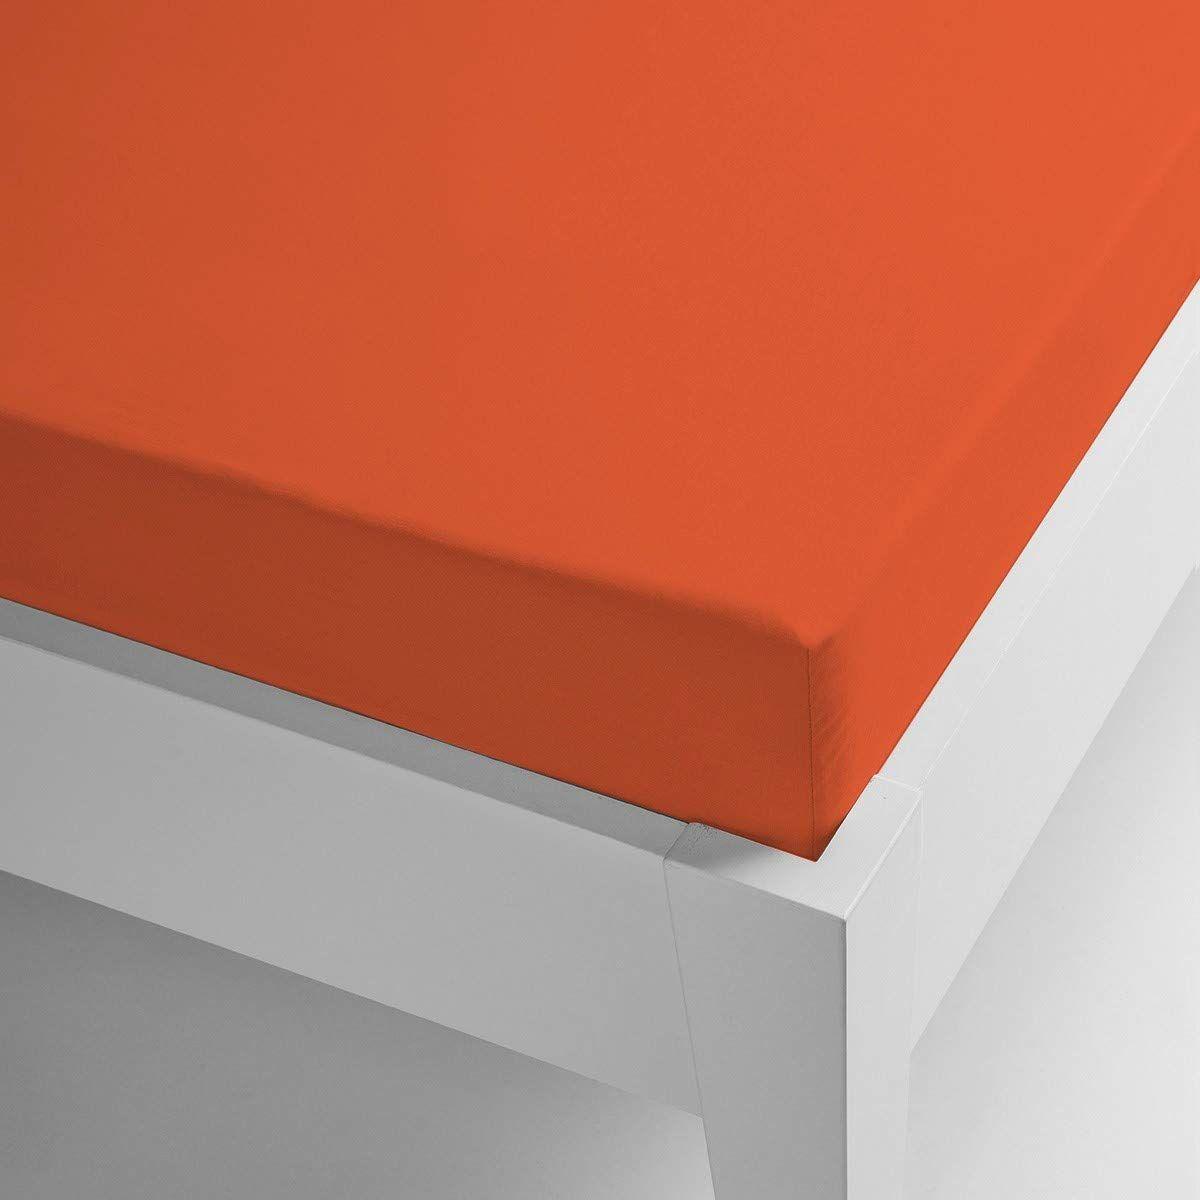 Miracle dom mikrofibra termiczna prześcieradło Coral gładkie kolory 90 x 200 pomarańczowy